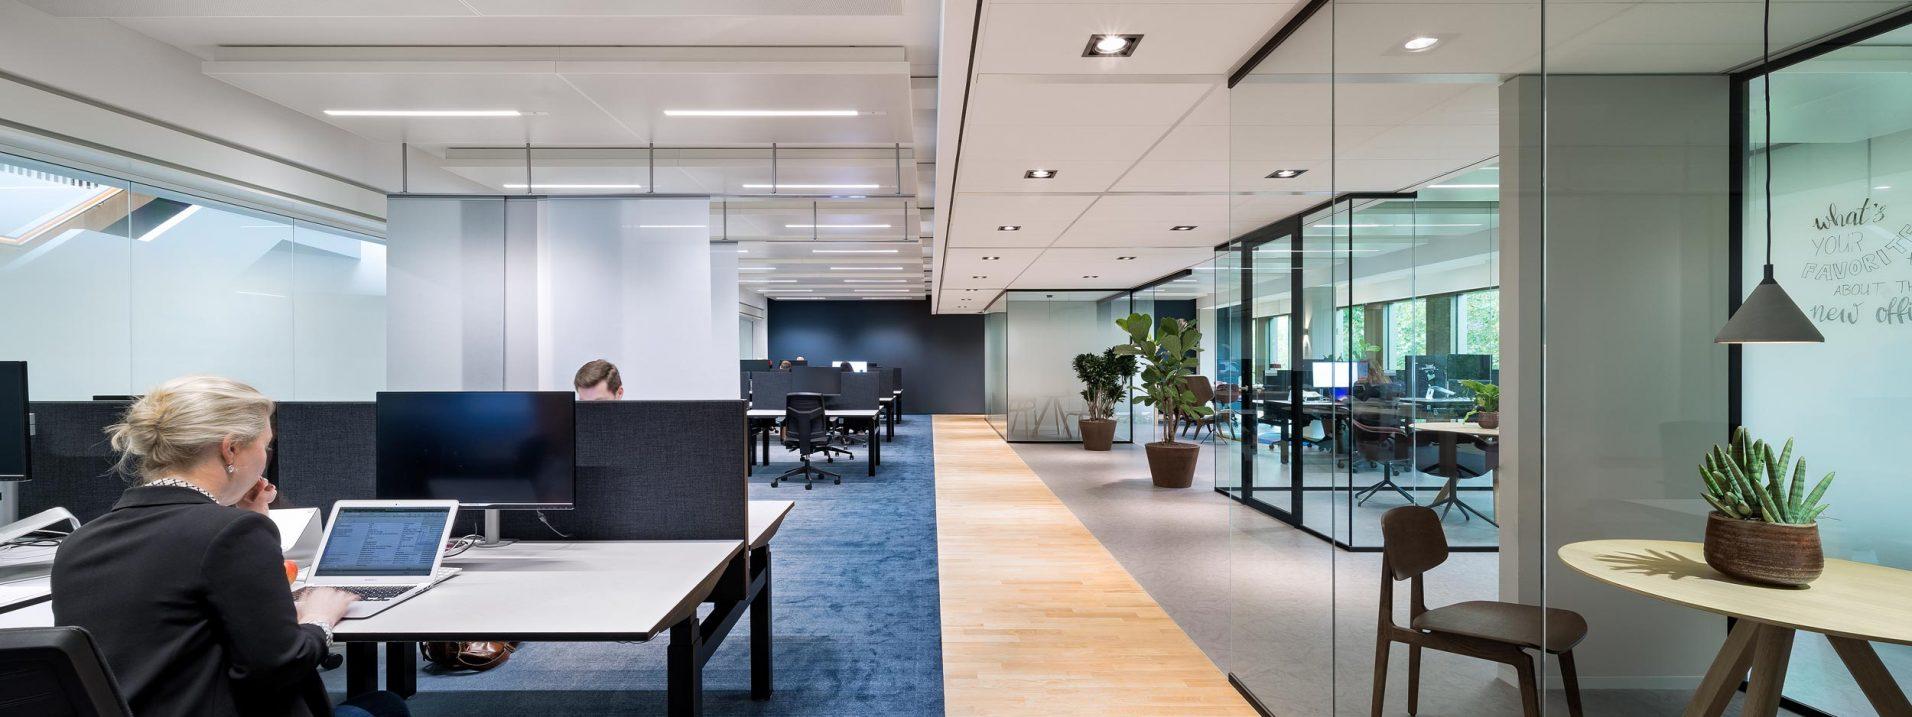 Interieur ontwerp kantoor Amsterdam